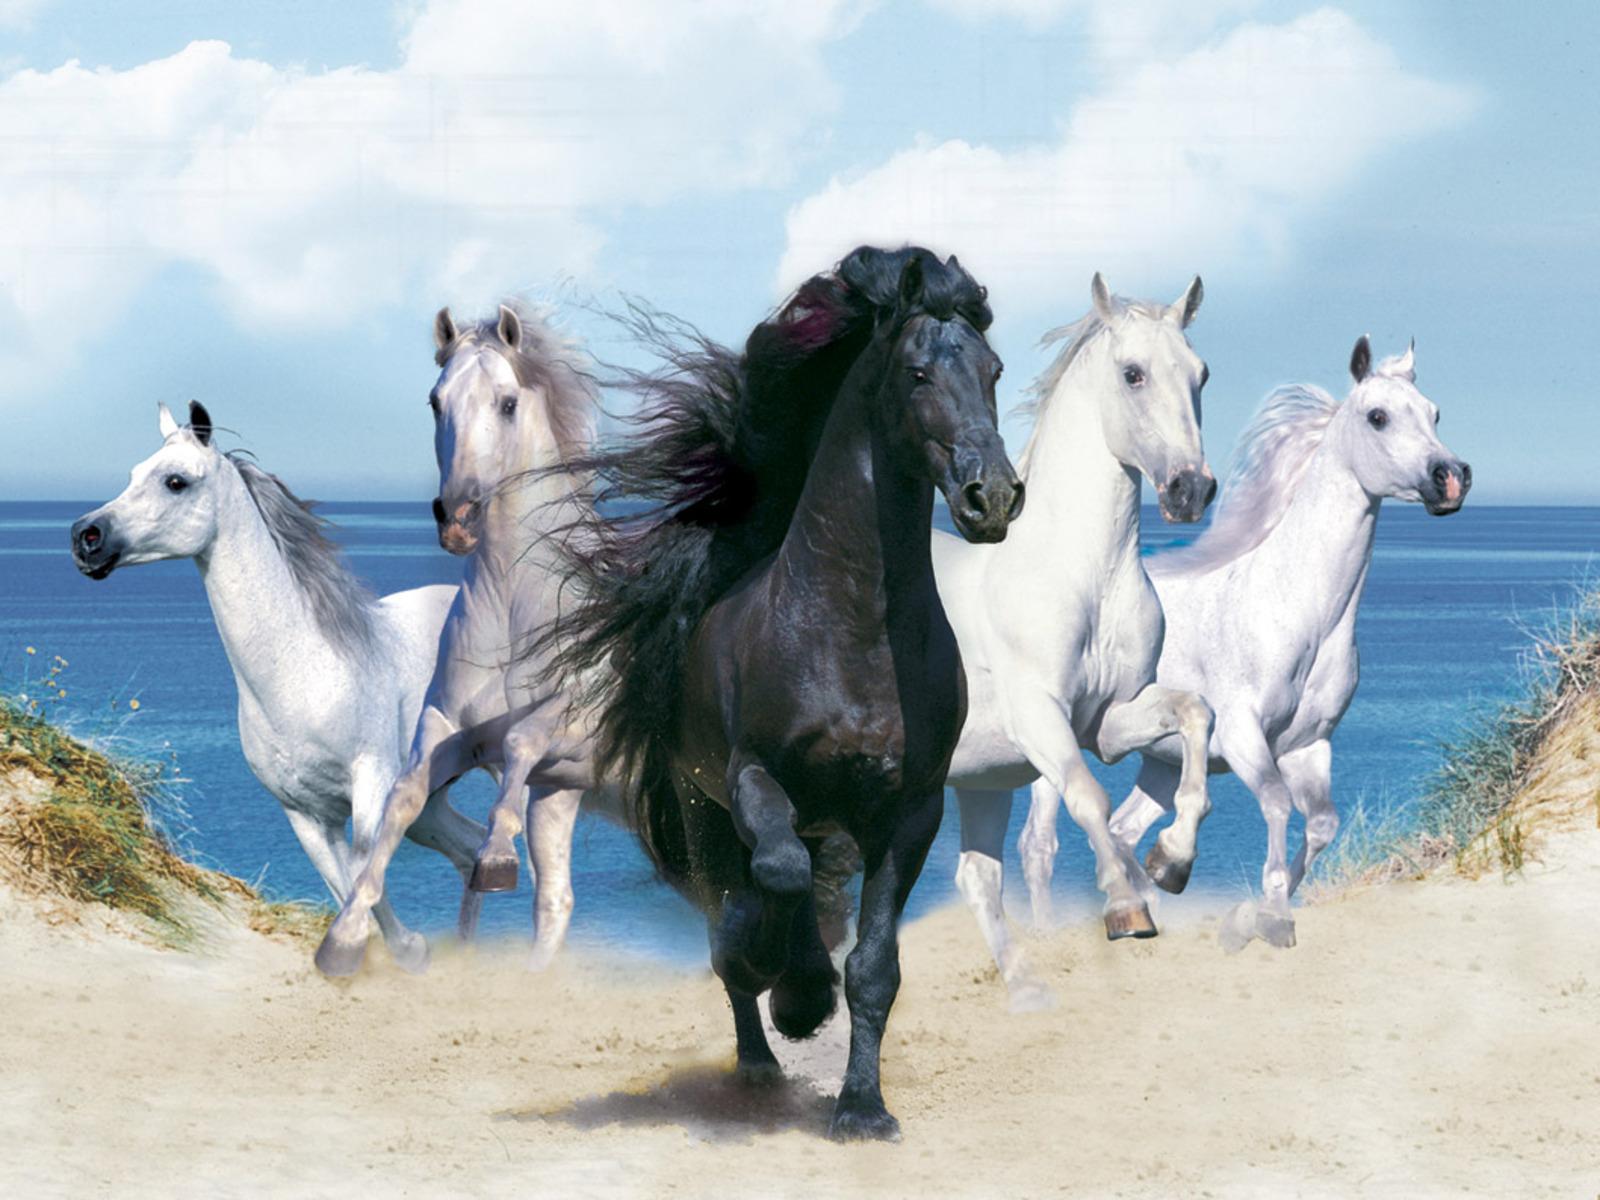 Download   Wallpaper Horse Yellow - The-best-top-desktop-horse-wallpapers-4  Picture_1007866.jpg